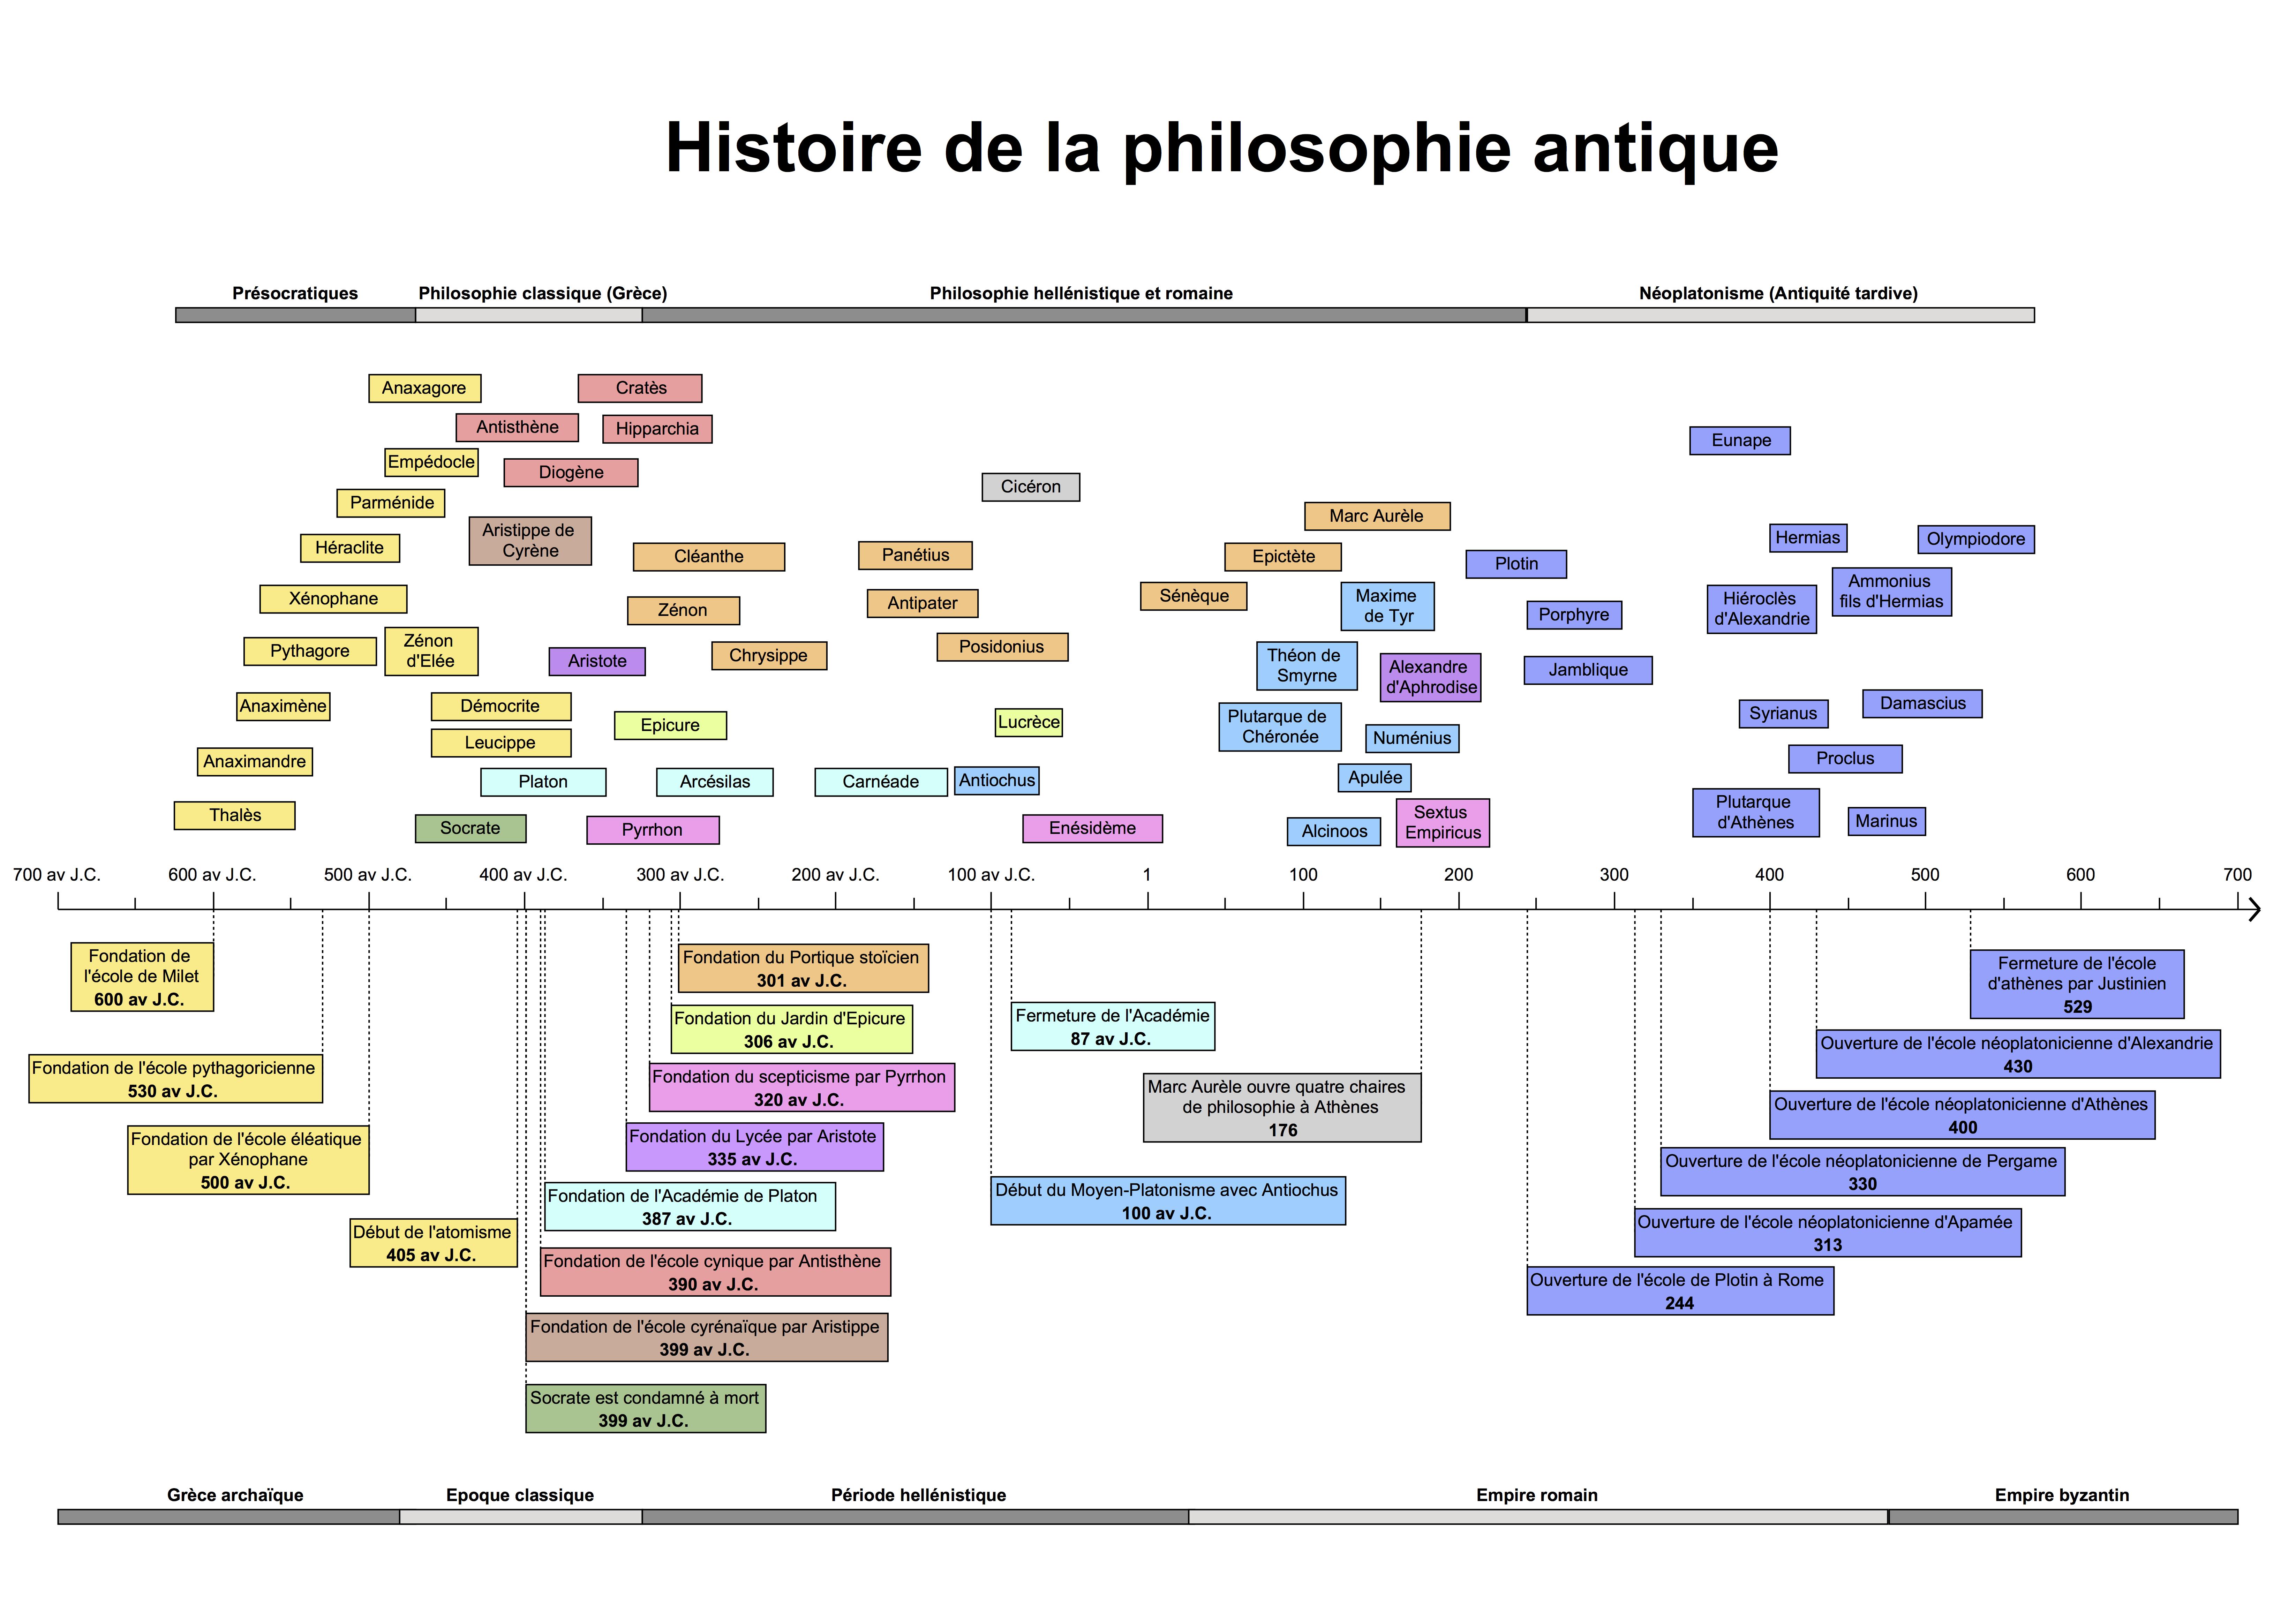 Histoire de la philosophie antique: une frise